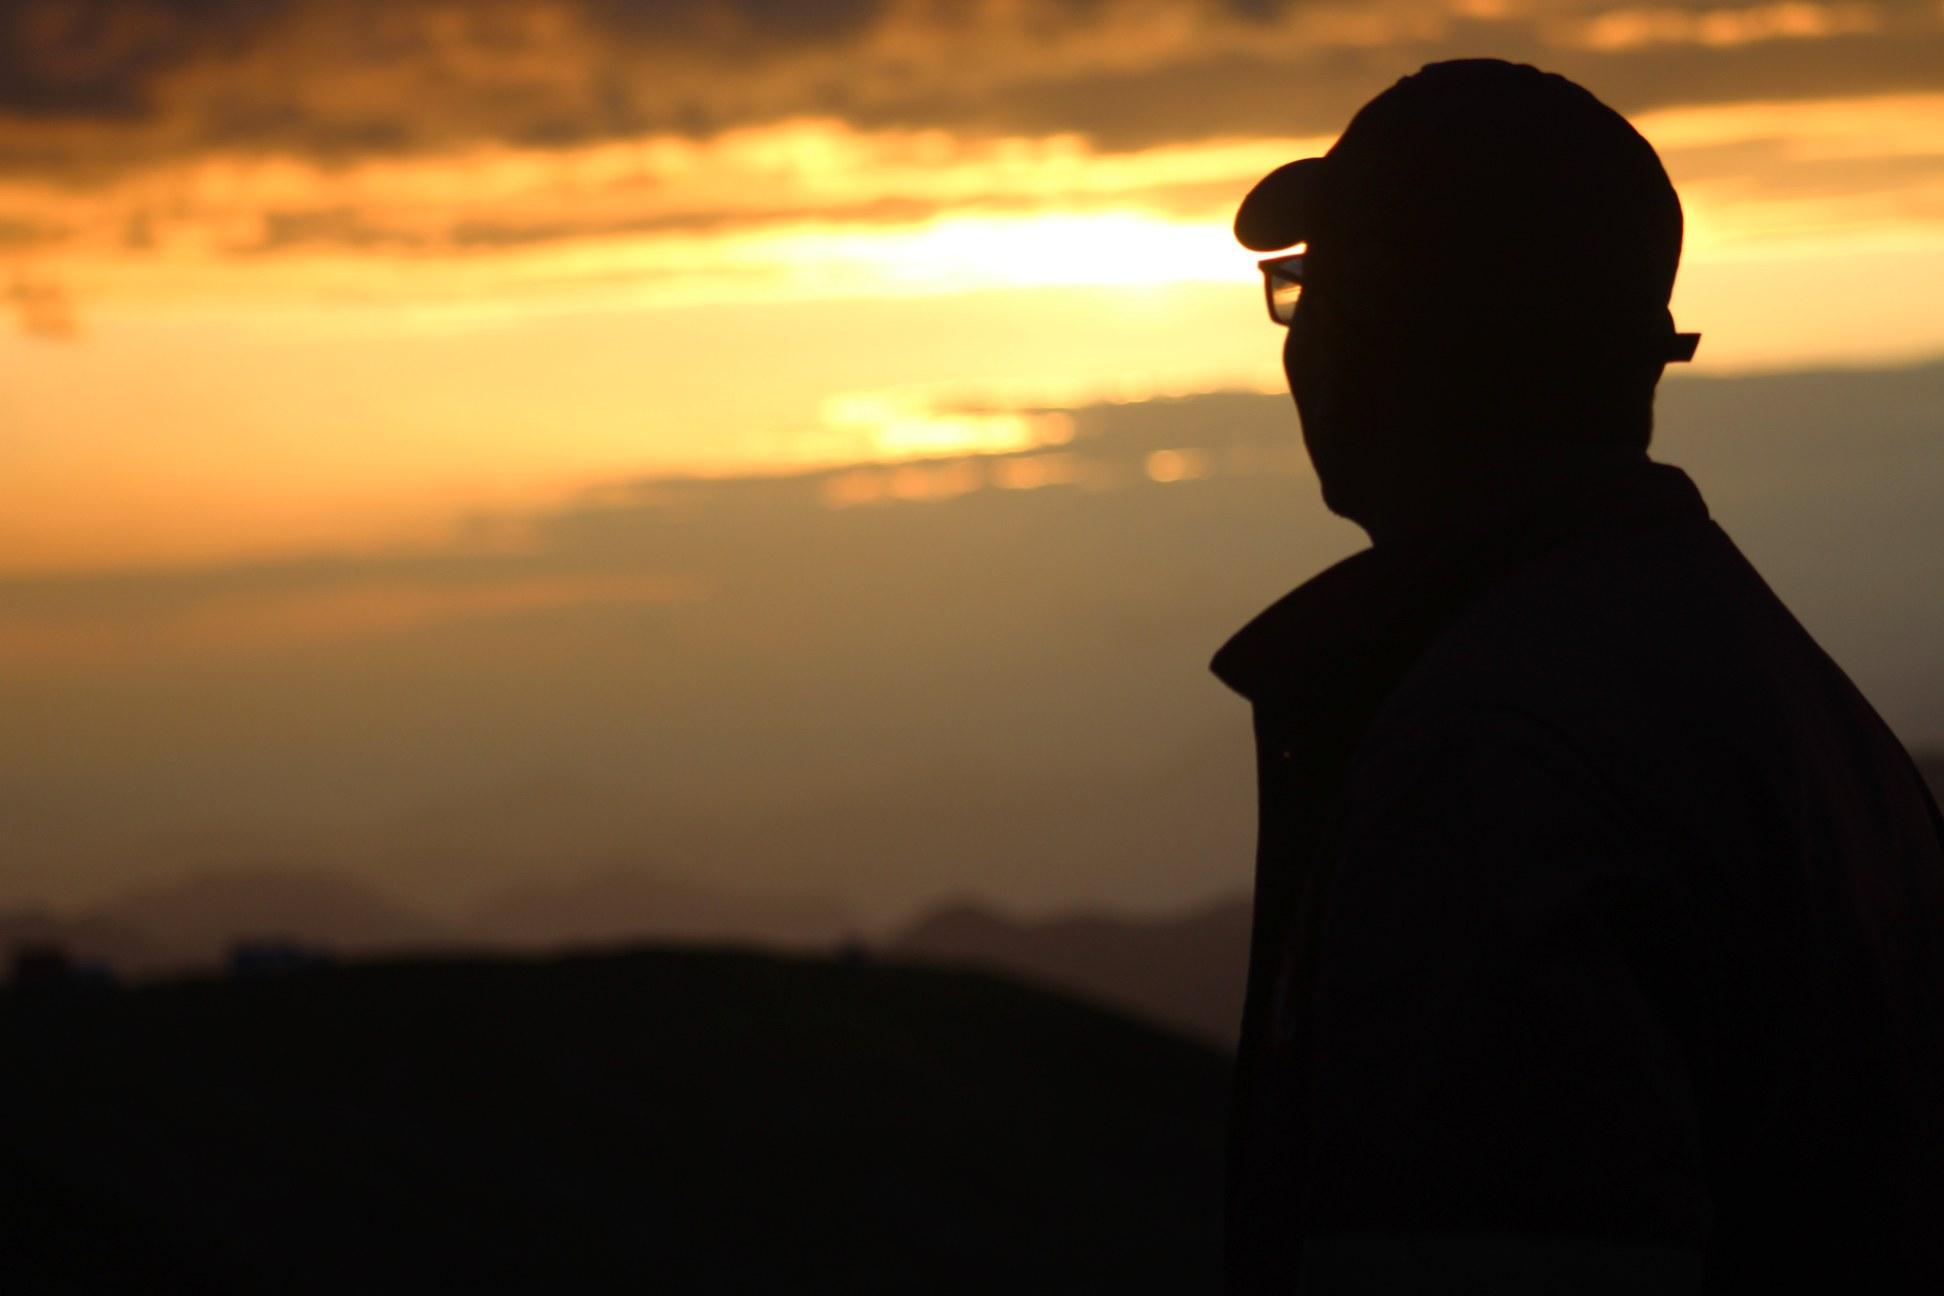 sunset from bhagwabasa campsite at roopkund trek